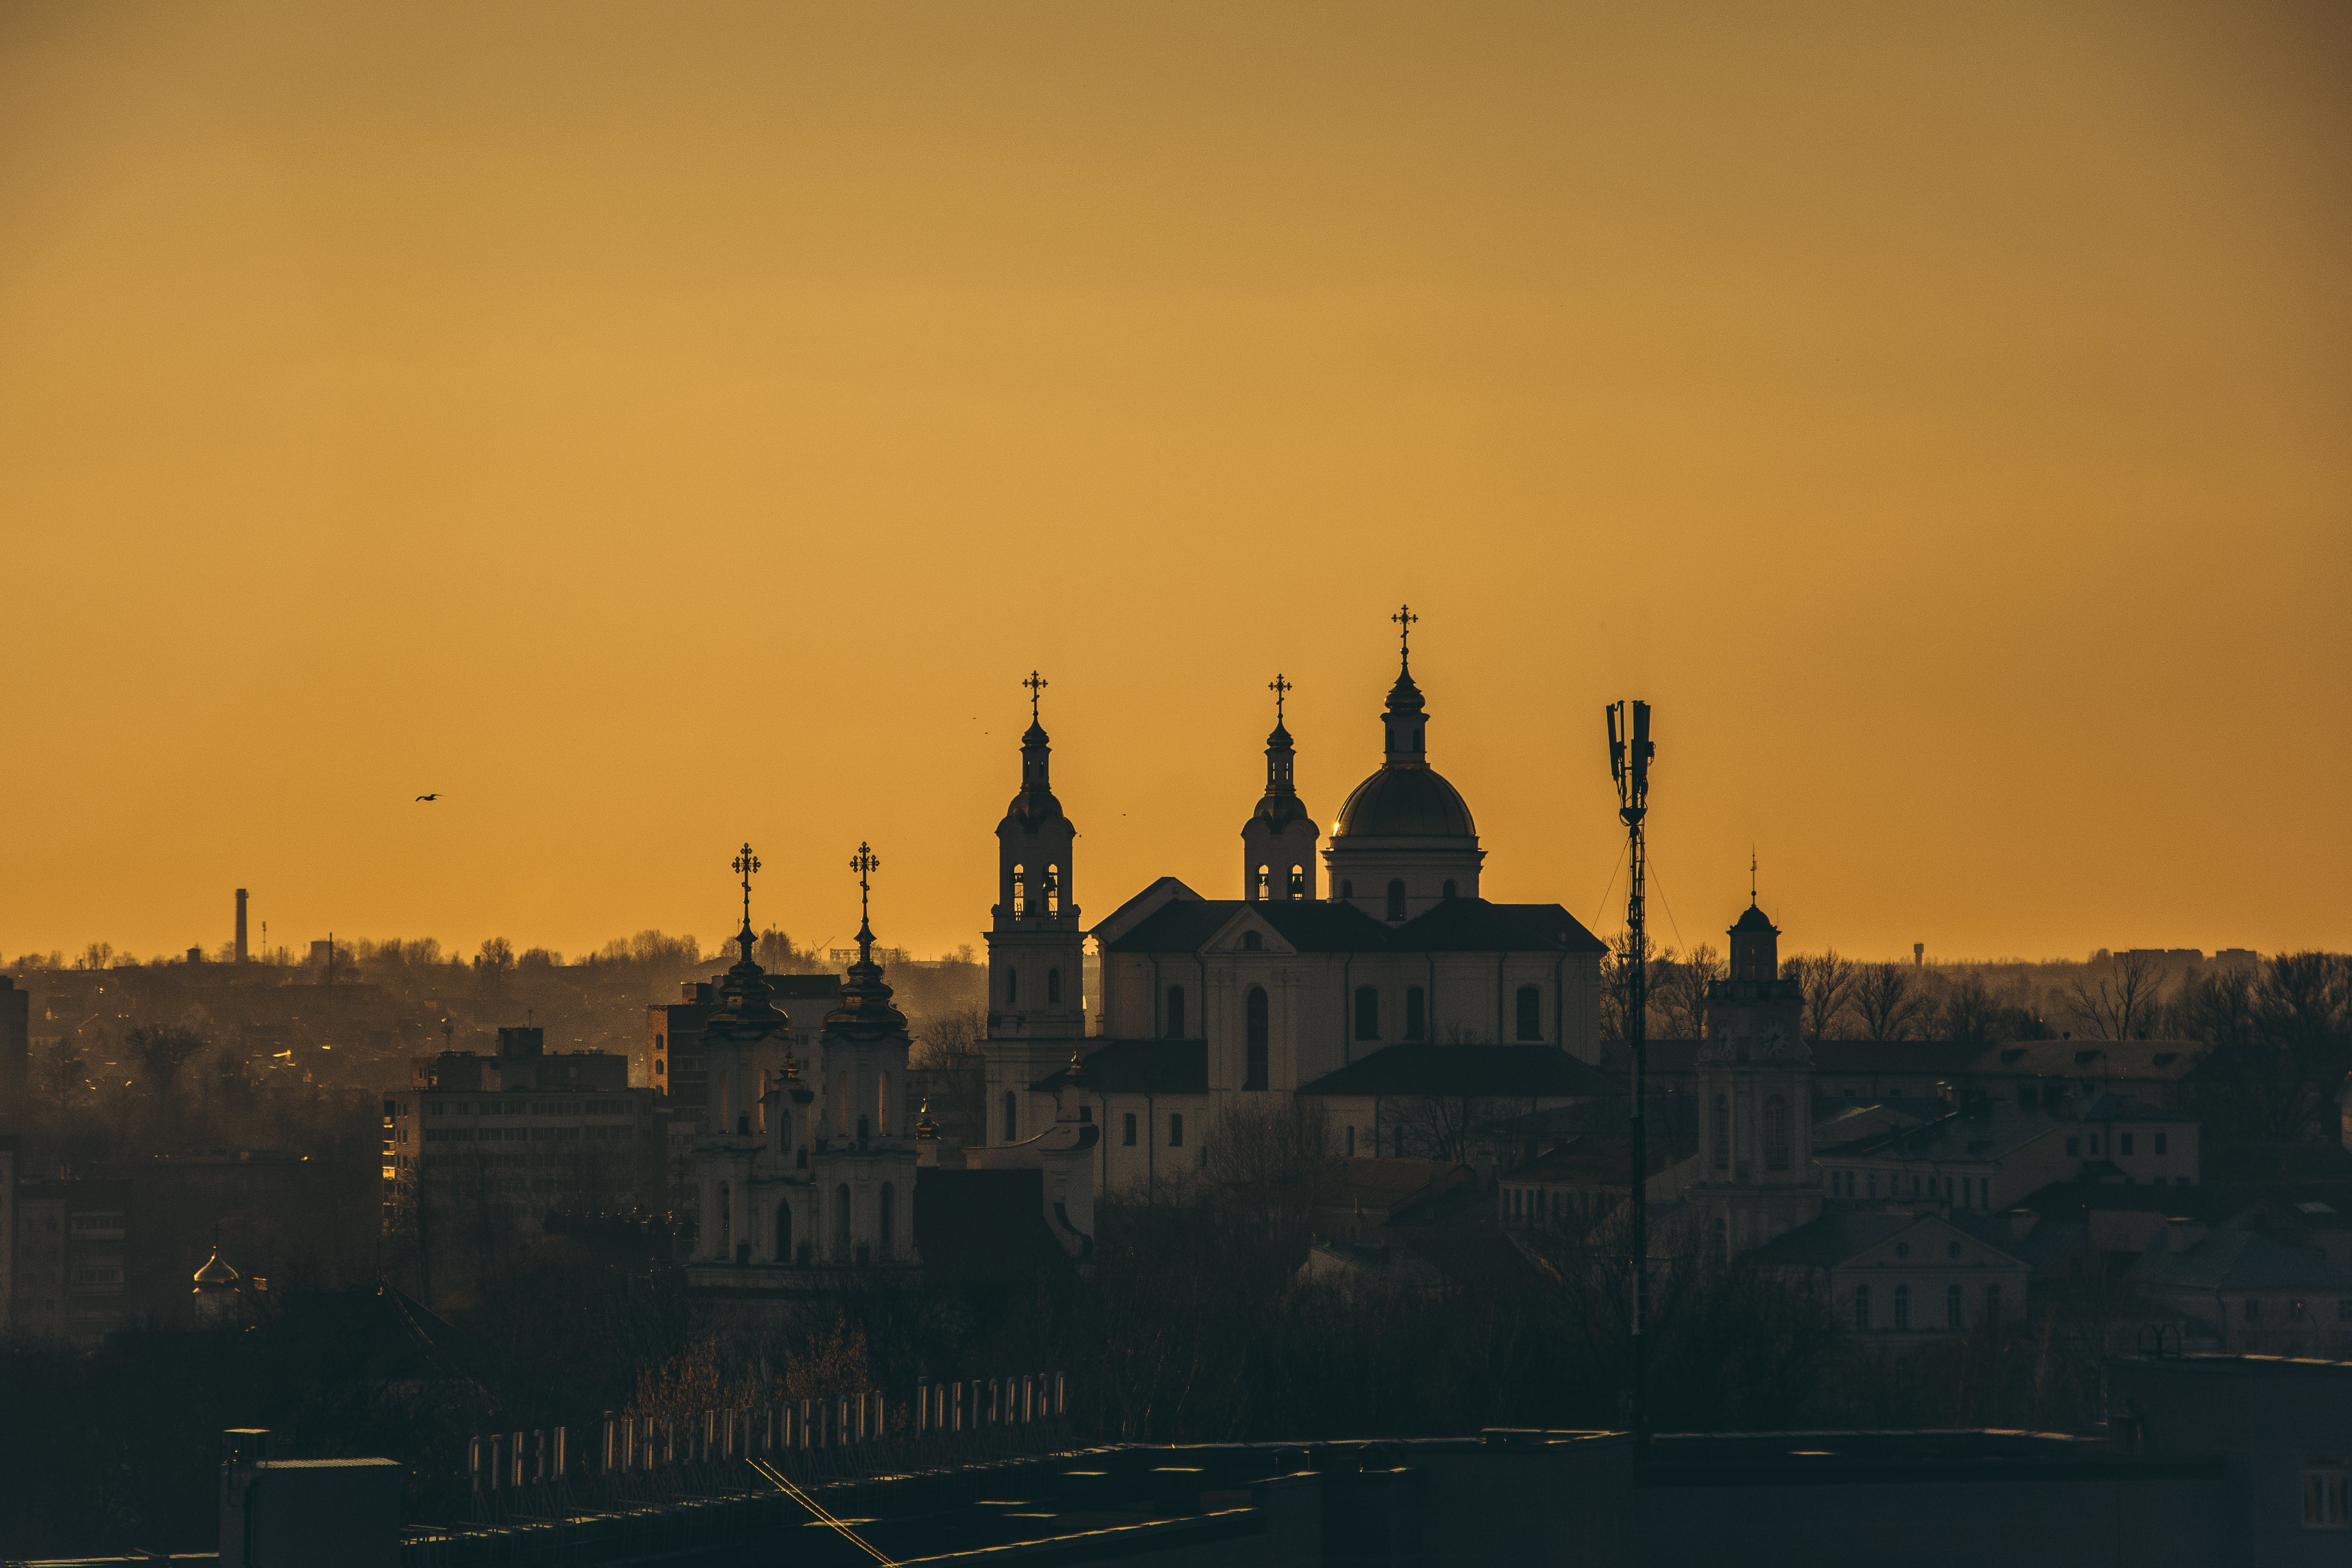 City Landscape during Dusk